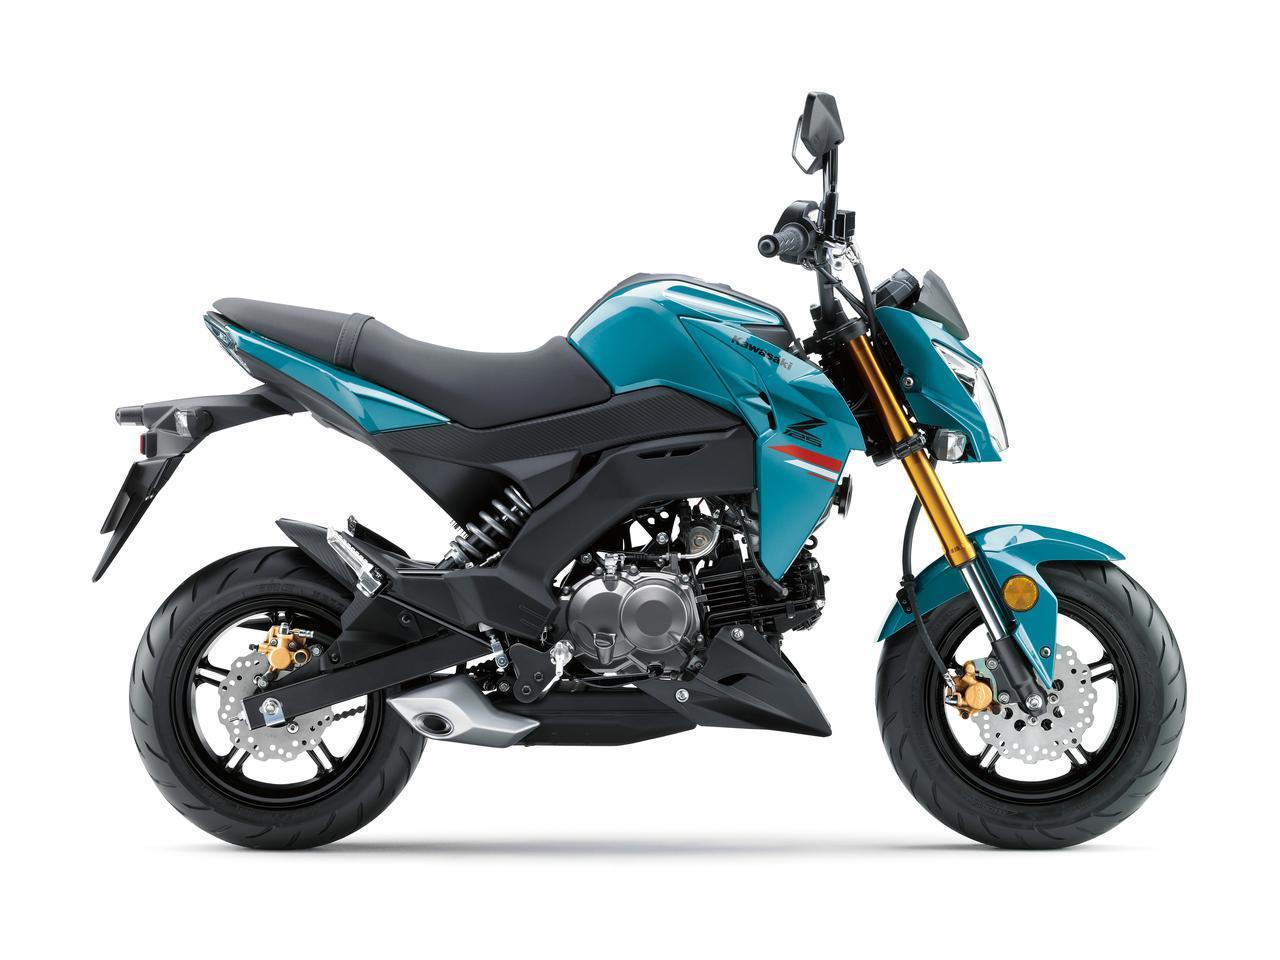 画像13: これが最後!? カワサキが原付二種スポーツバイク「Z125 PRO」の2021年モデルを発表!